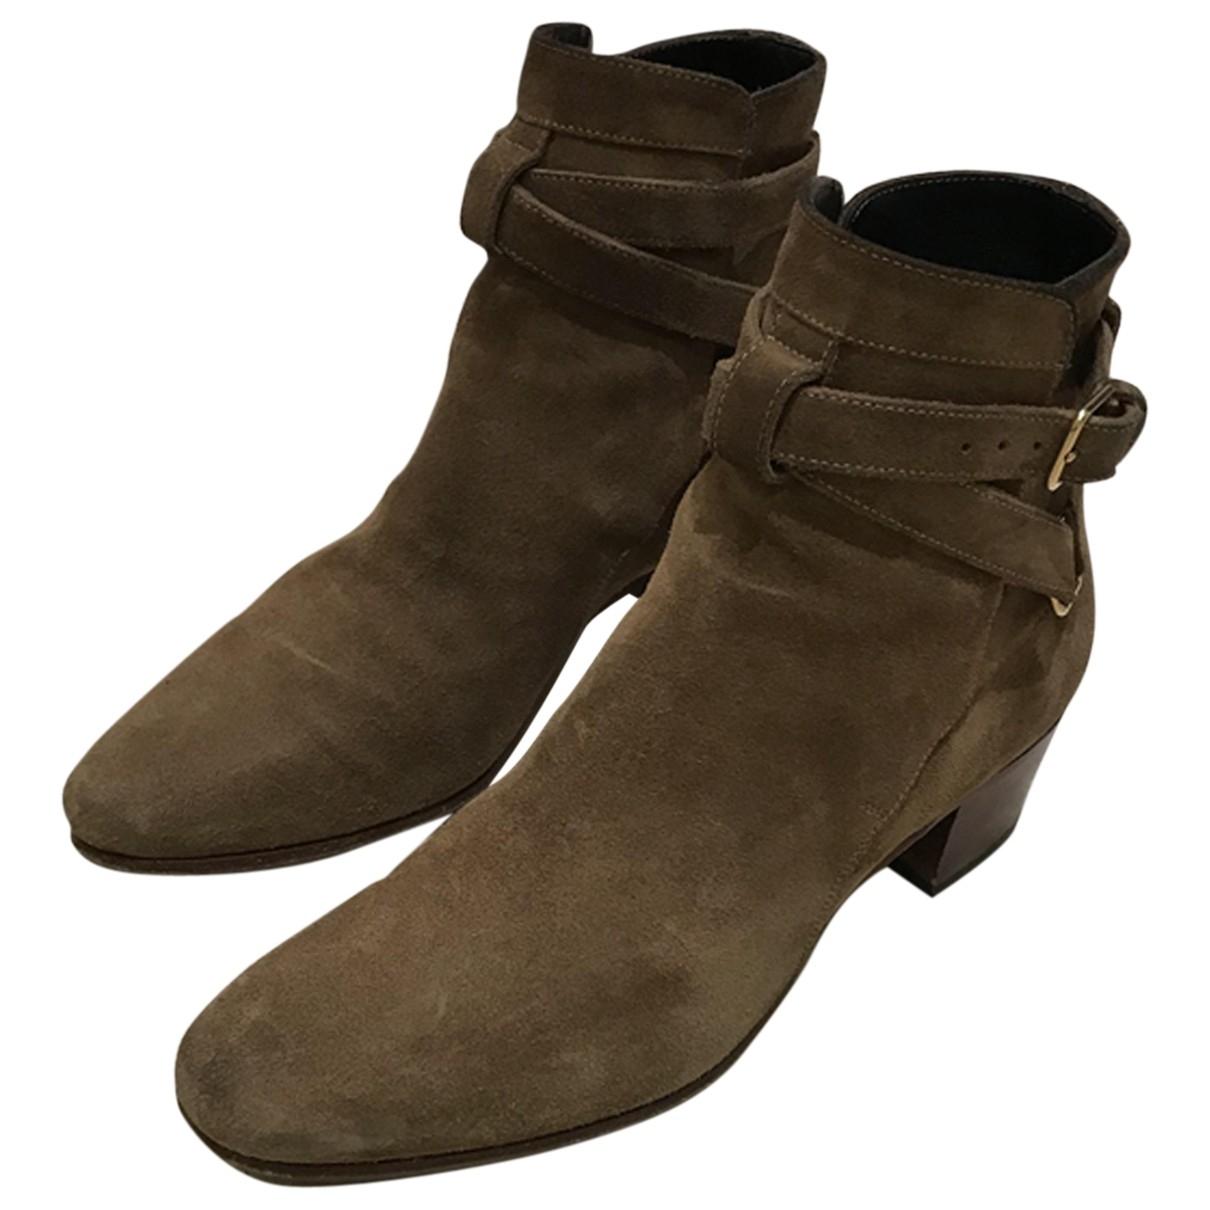 Saint Laurent - Boots Blaze pour femme en suede - camel